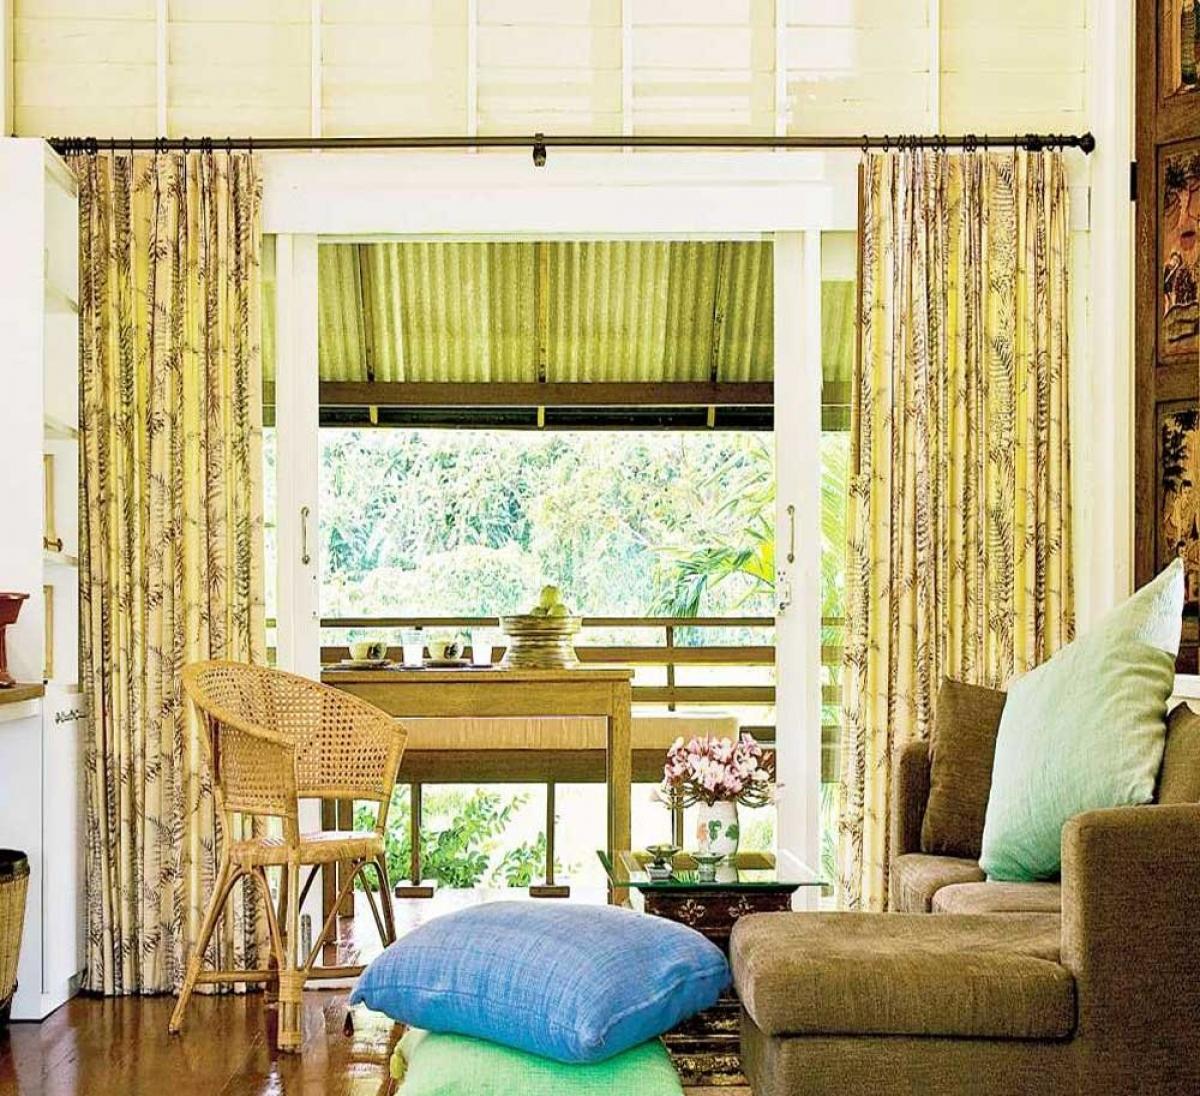 Không gian bên trong khá là ấn tượng bởi cách phối hợp đồ nội thất, v ật dụng sáng tạo, liên kết.